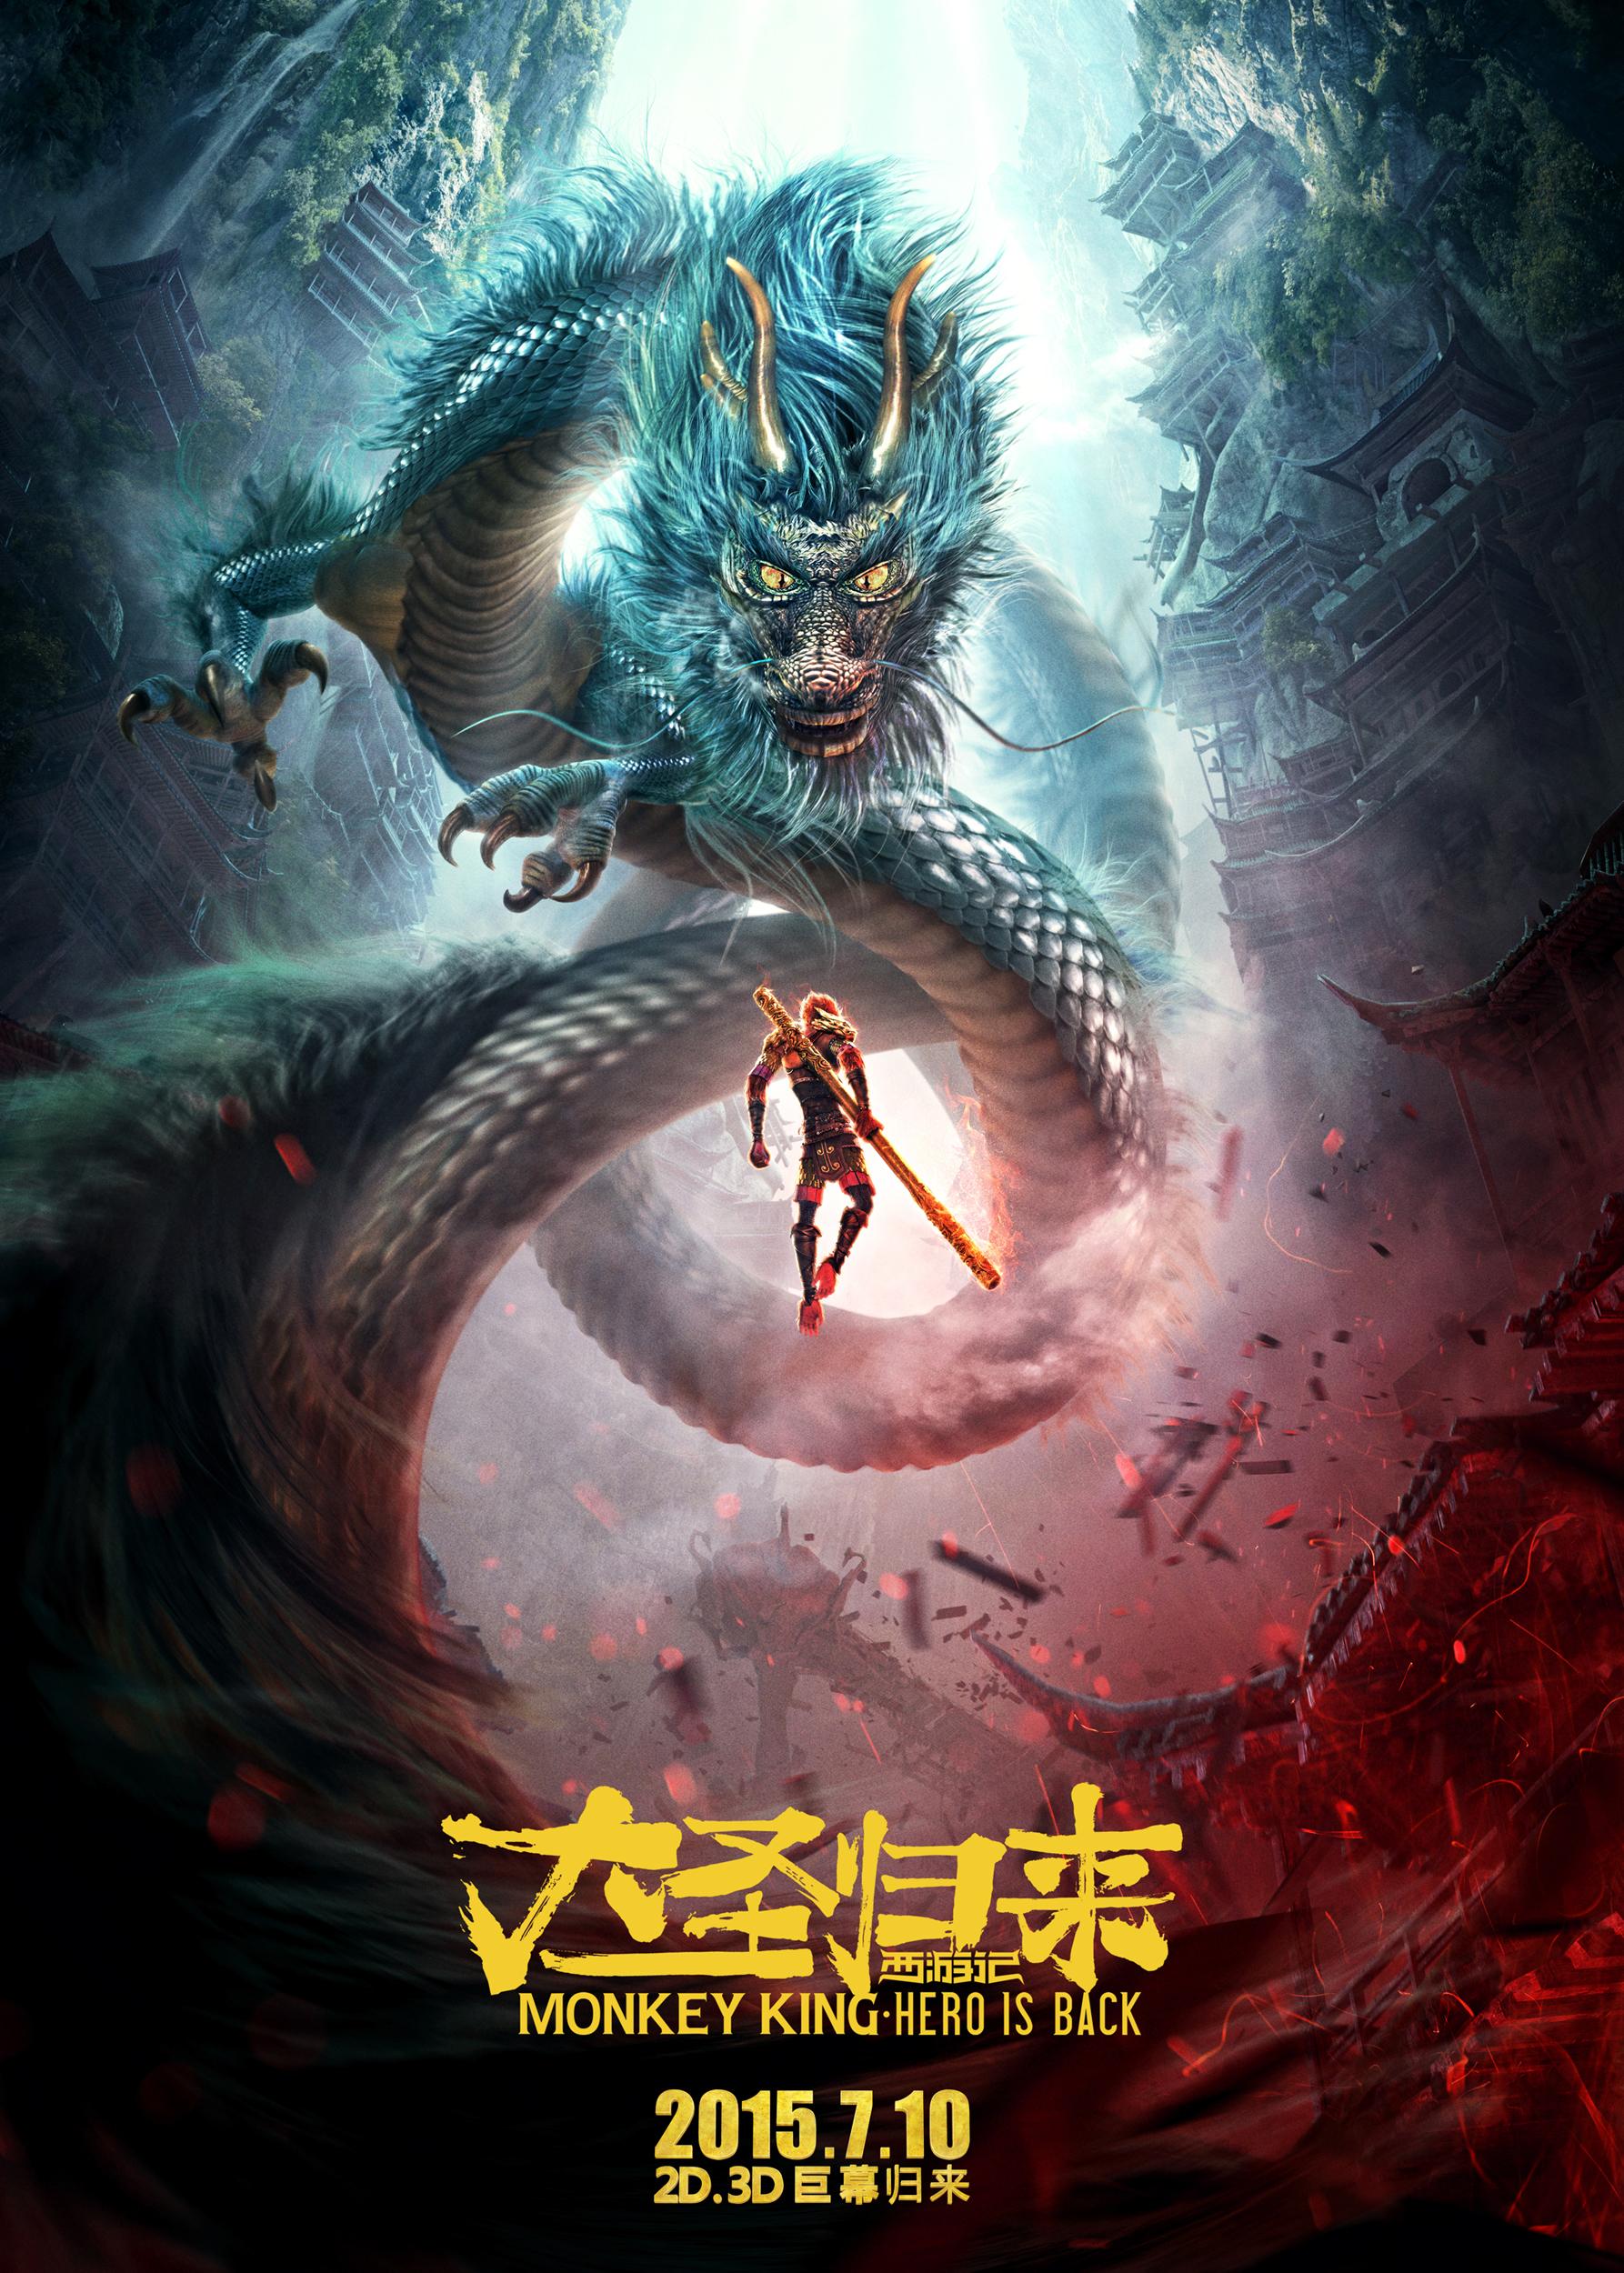 全球资讯_《大圣归来》电影主视觉海报设计 - 视觉同盟(VisionUnion.com)